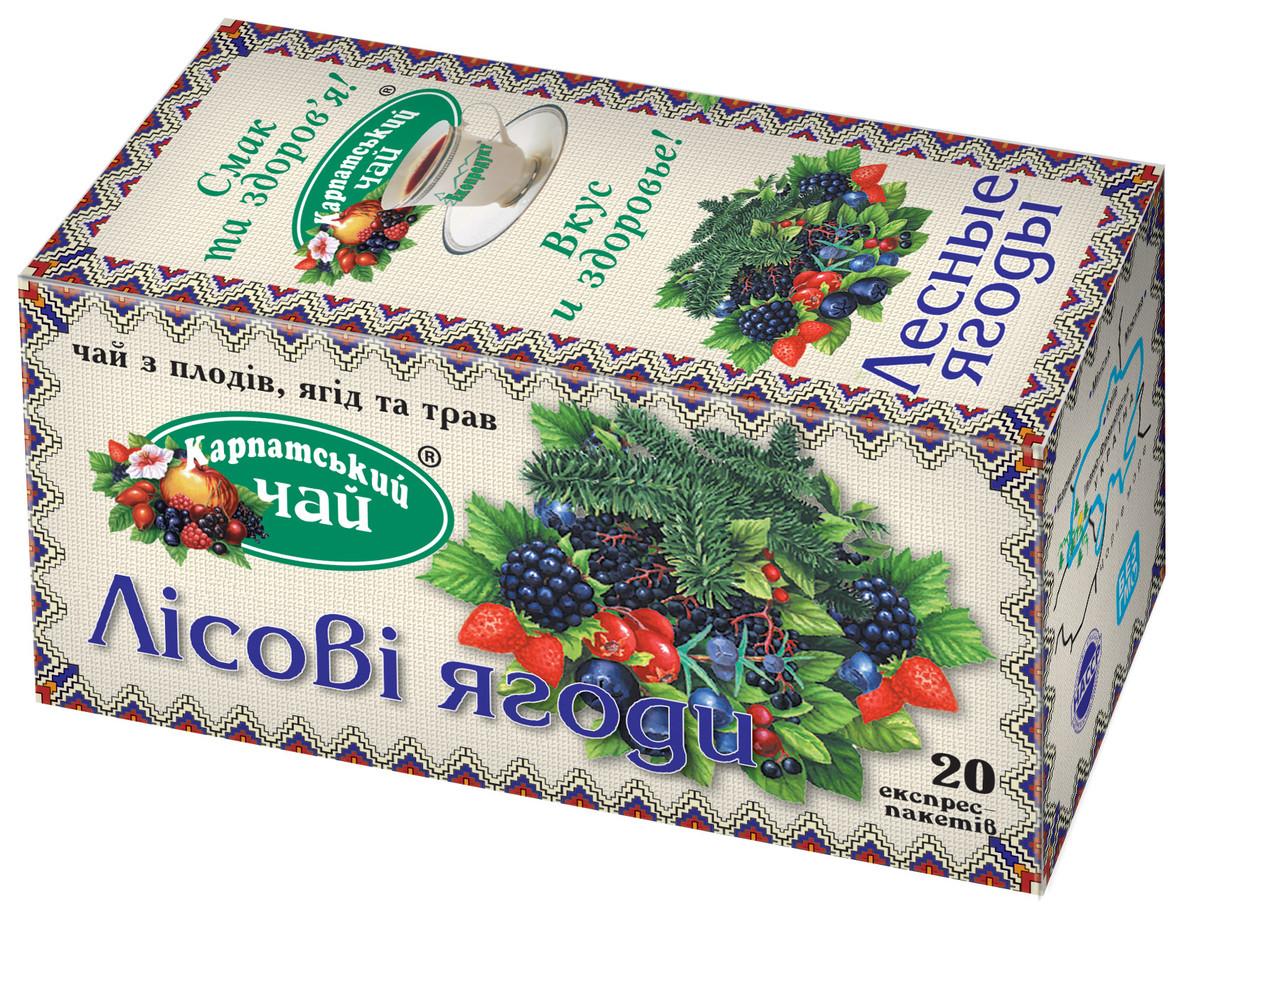 Чай Карпатский Лесные ягоды 20 экспресс-пакетиков